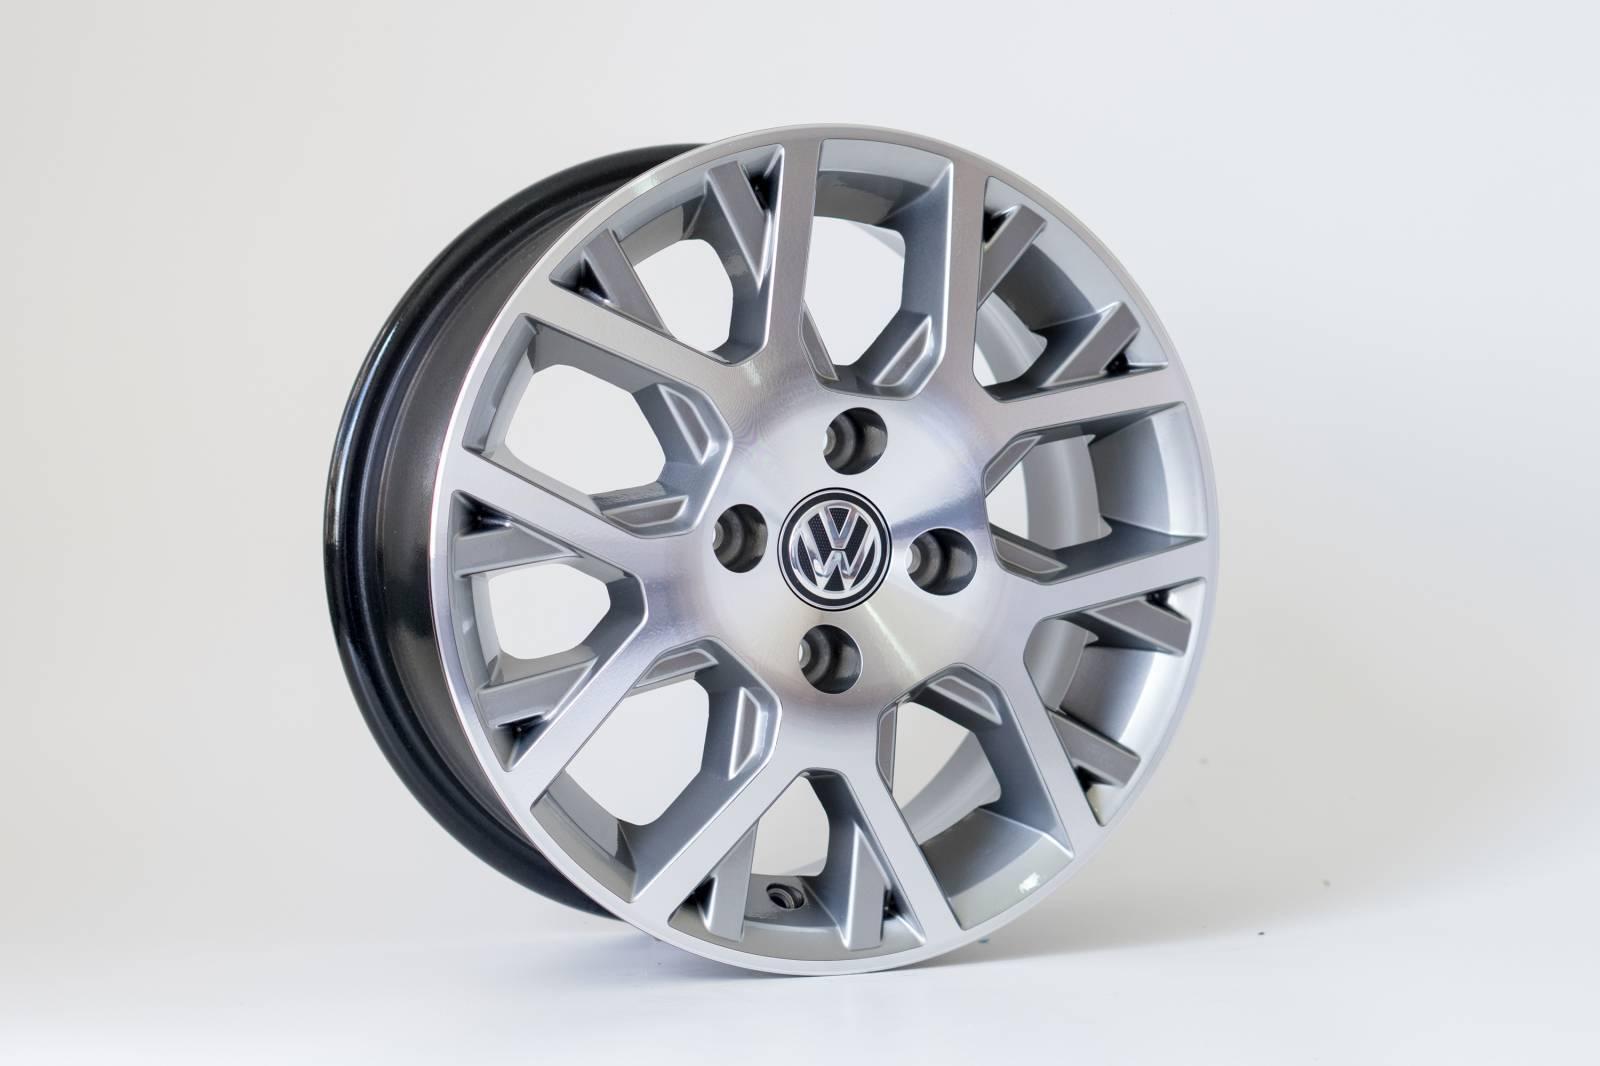 Jogo de 04 Rodas VW Saveiro Cross KR R45 aro 15 4x100 GD